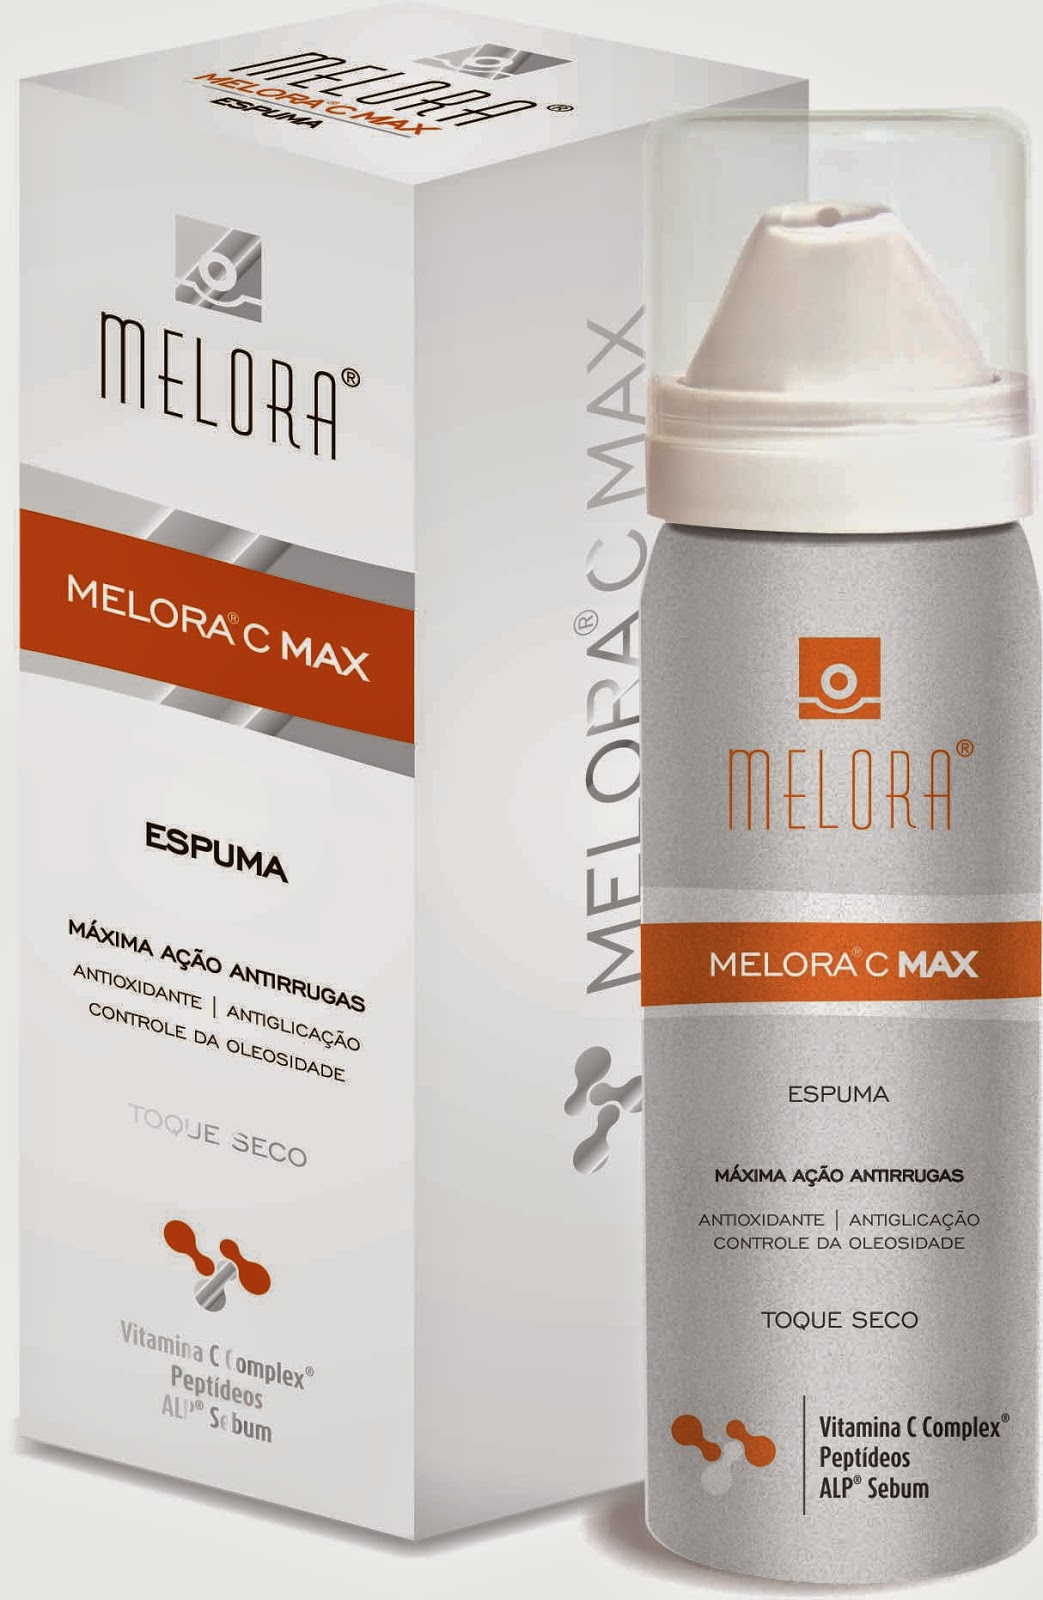 28aca199b5 Melora C Max Espuma